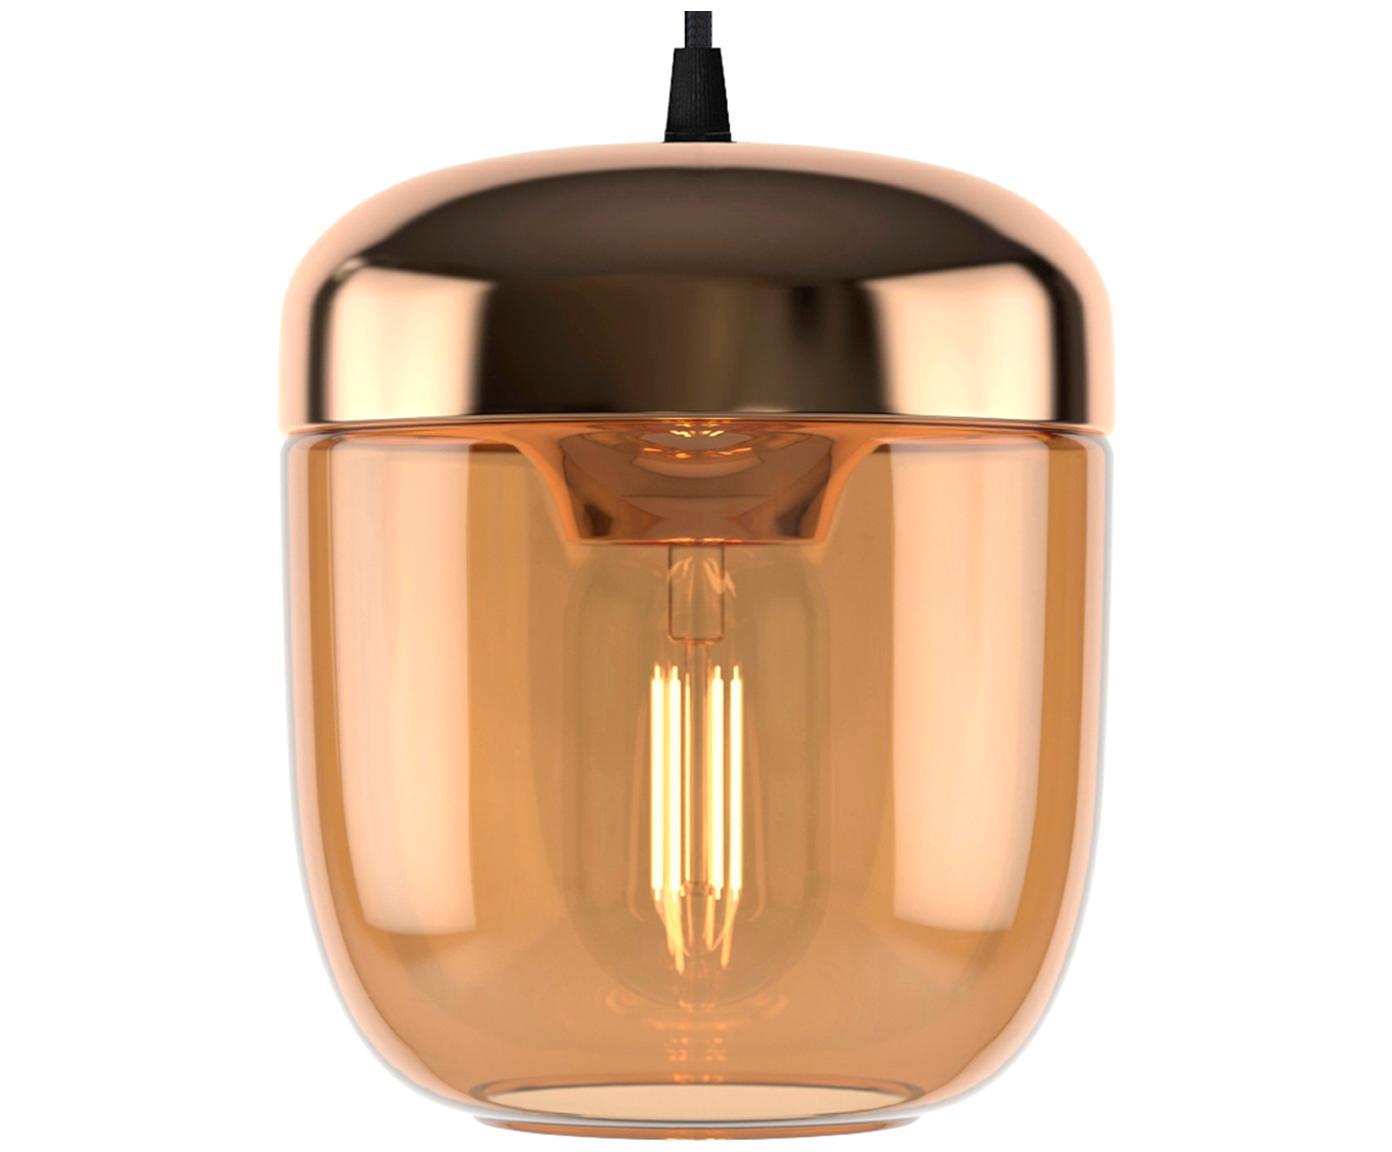 Lámpara de techo pequeña Acorn, Anclaje: silicona, Cable: cubierto en tela, Bronce, ámbar, Ø 14 x Al 16 cm